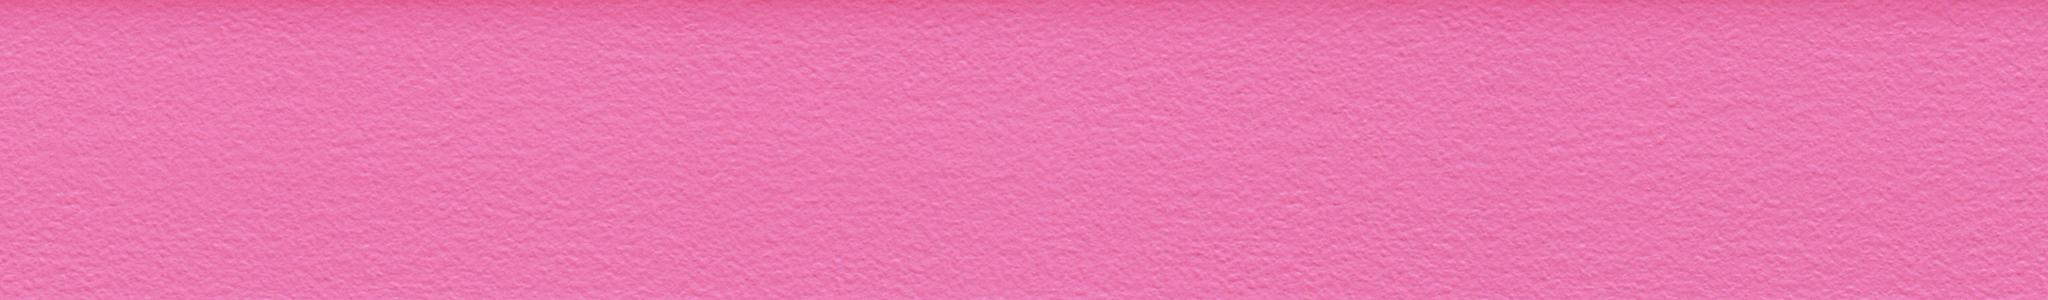 HU 130232 ABS hrana růžová perla jemná 107